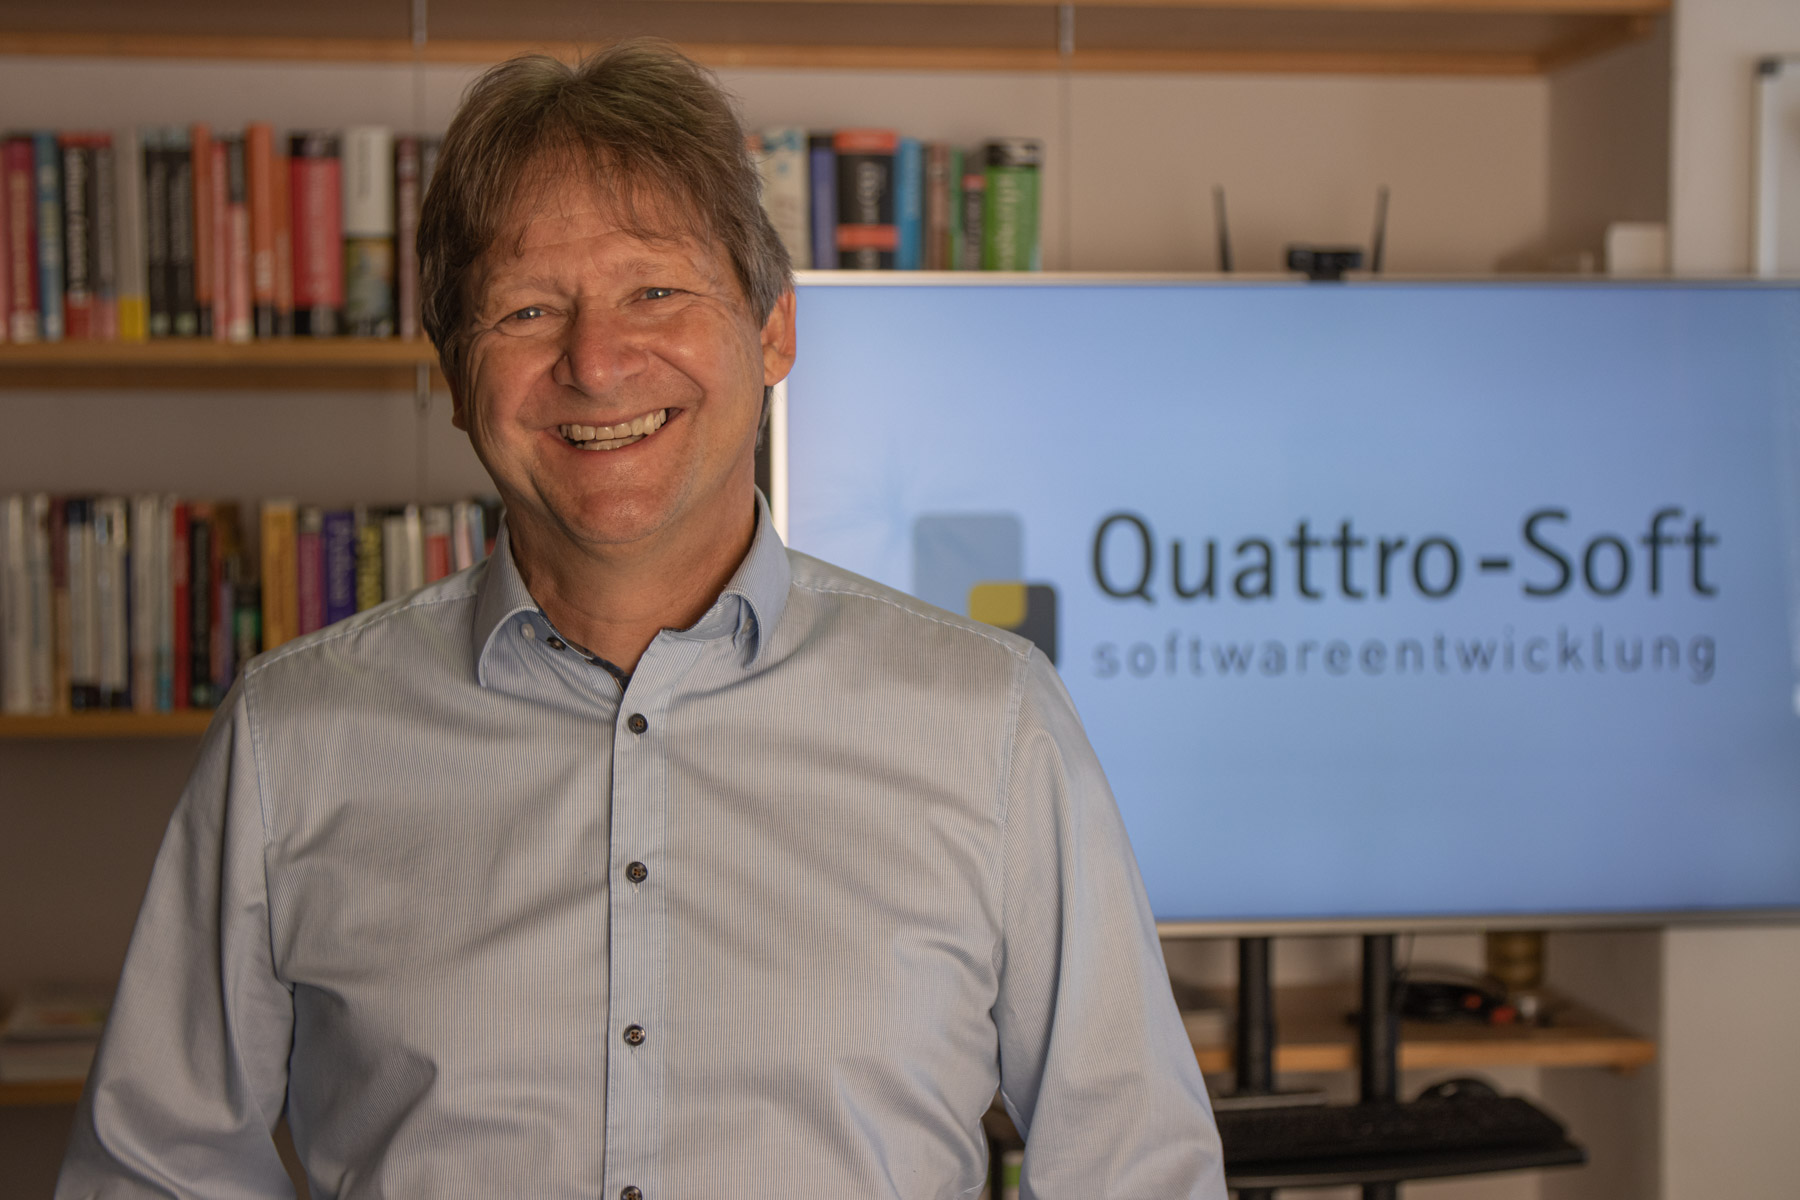 Richard Hütter ist der Geschäftsführer der Quattro-Soft GmbH.